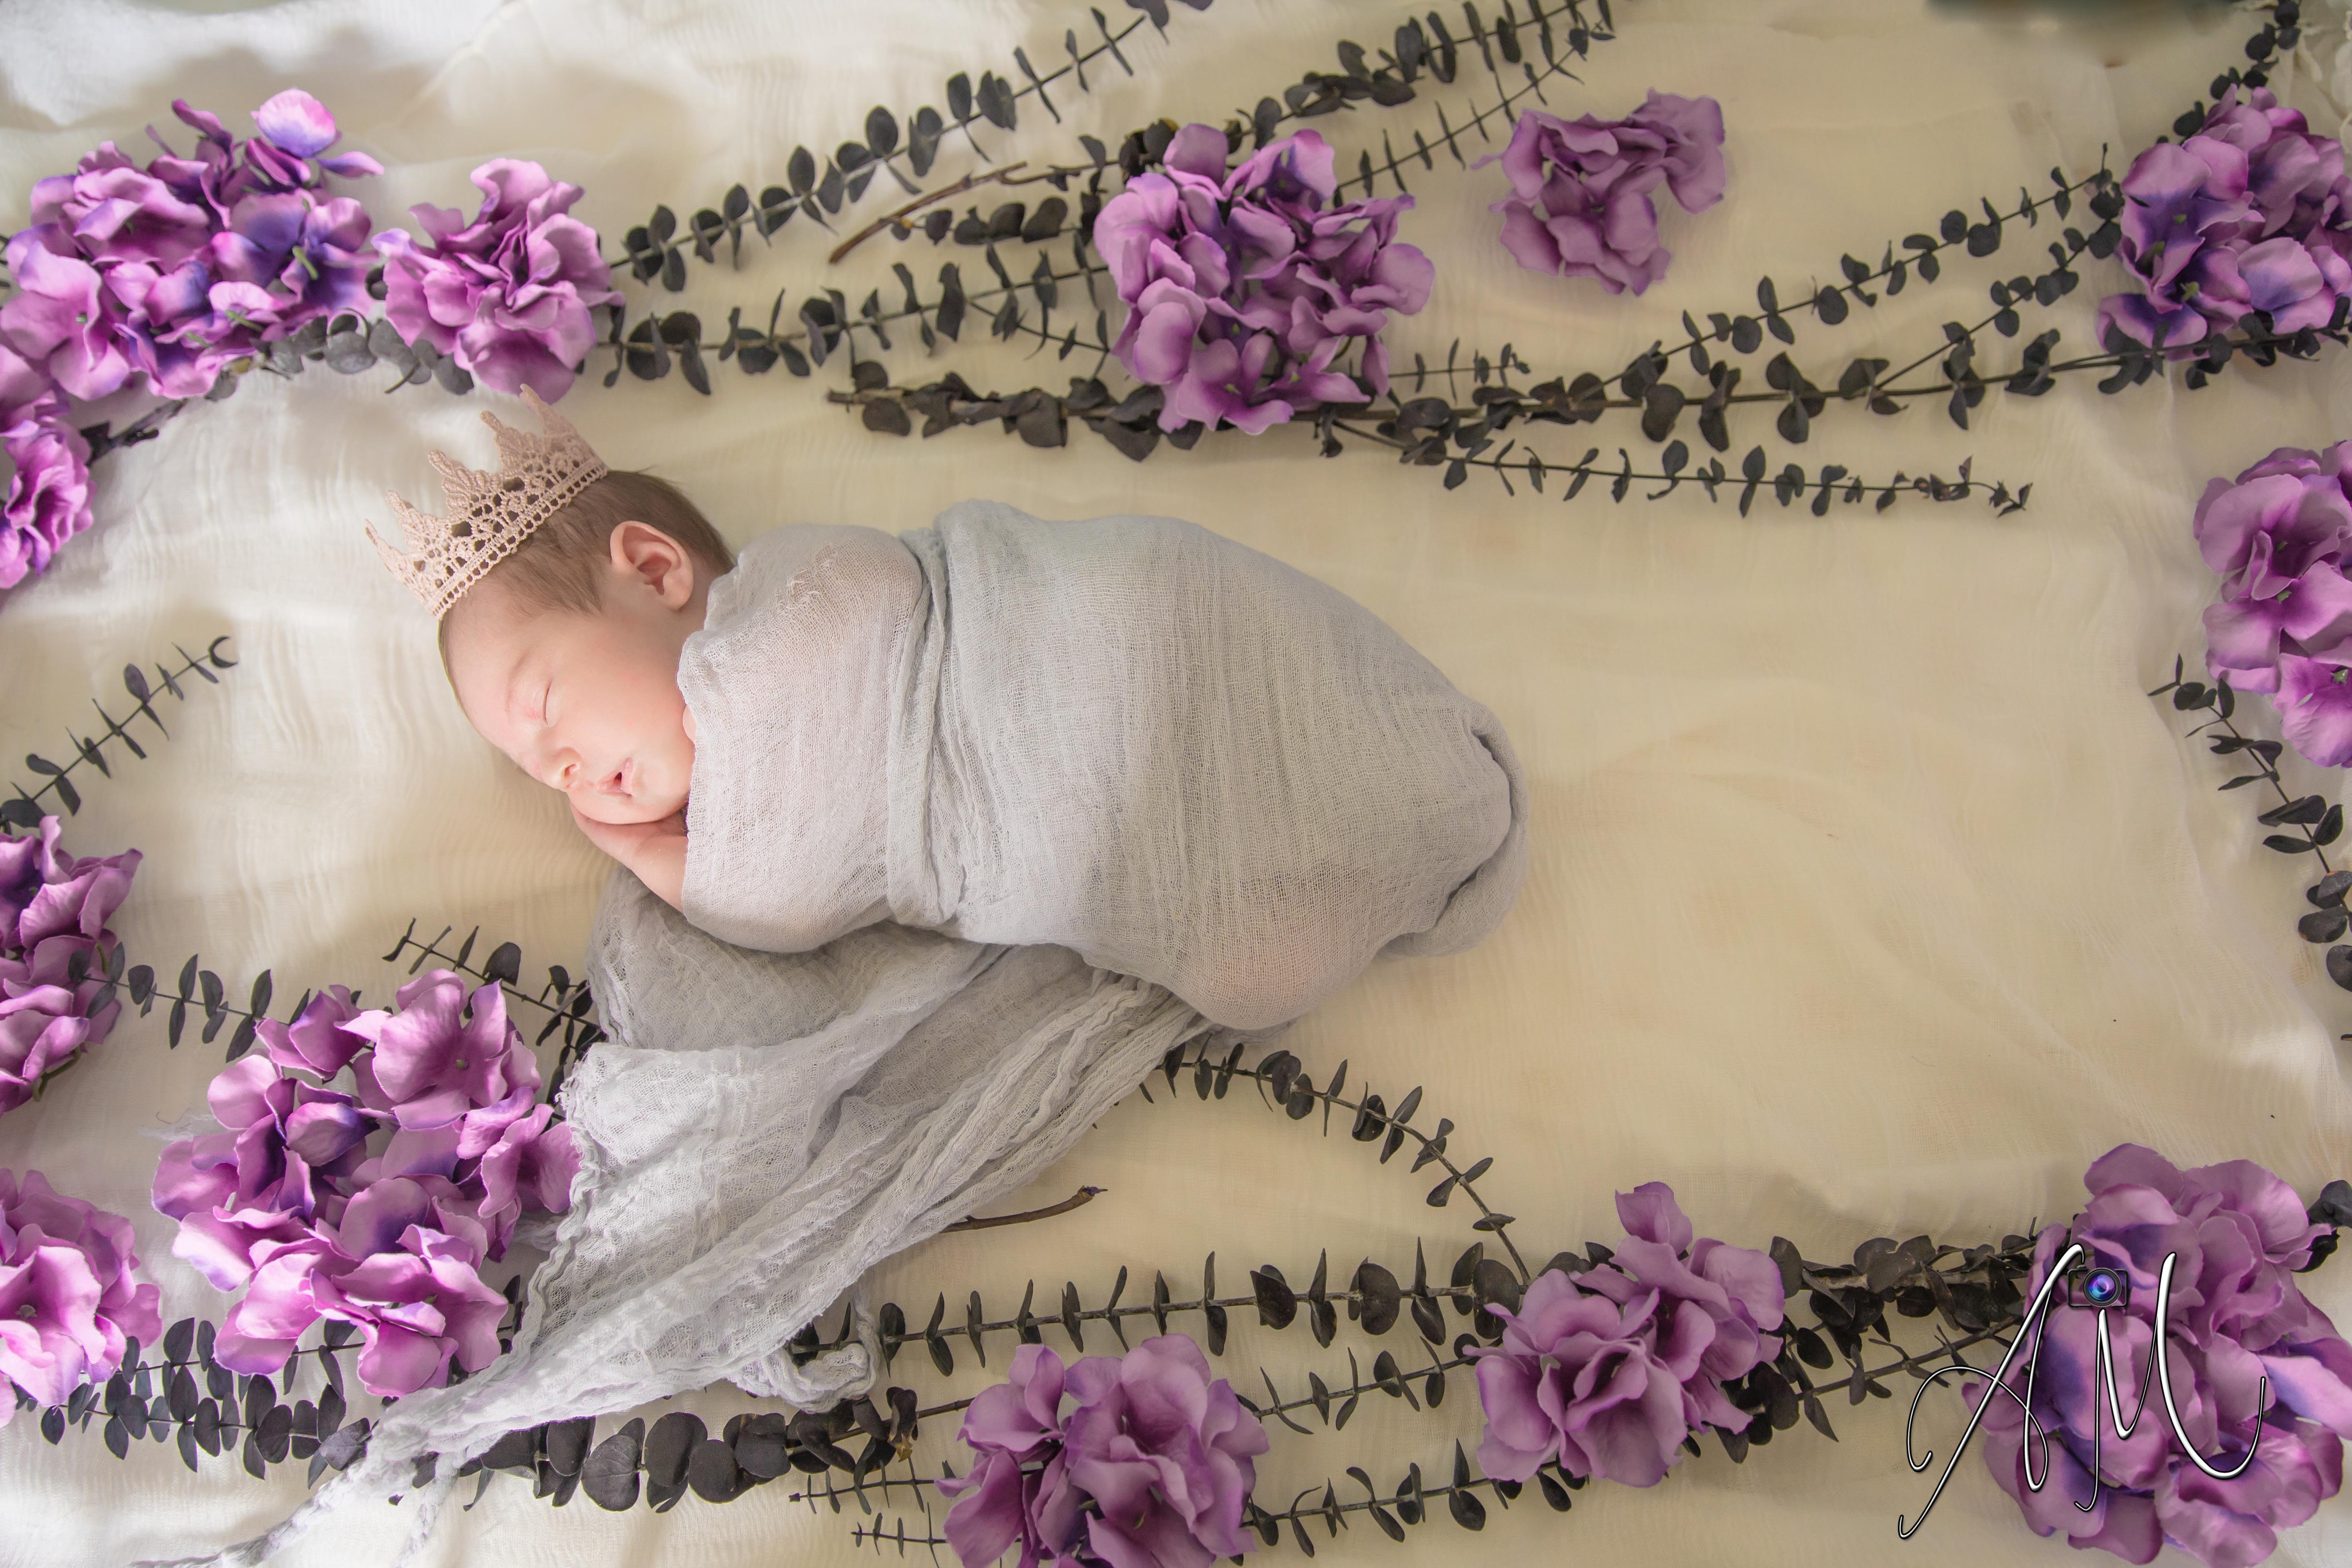 K_Newborn-903257